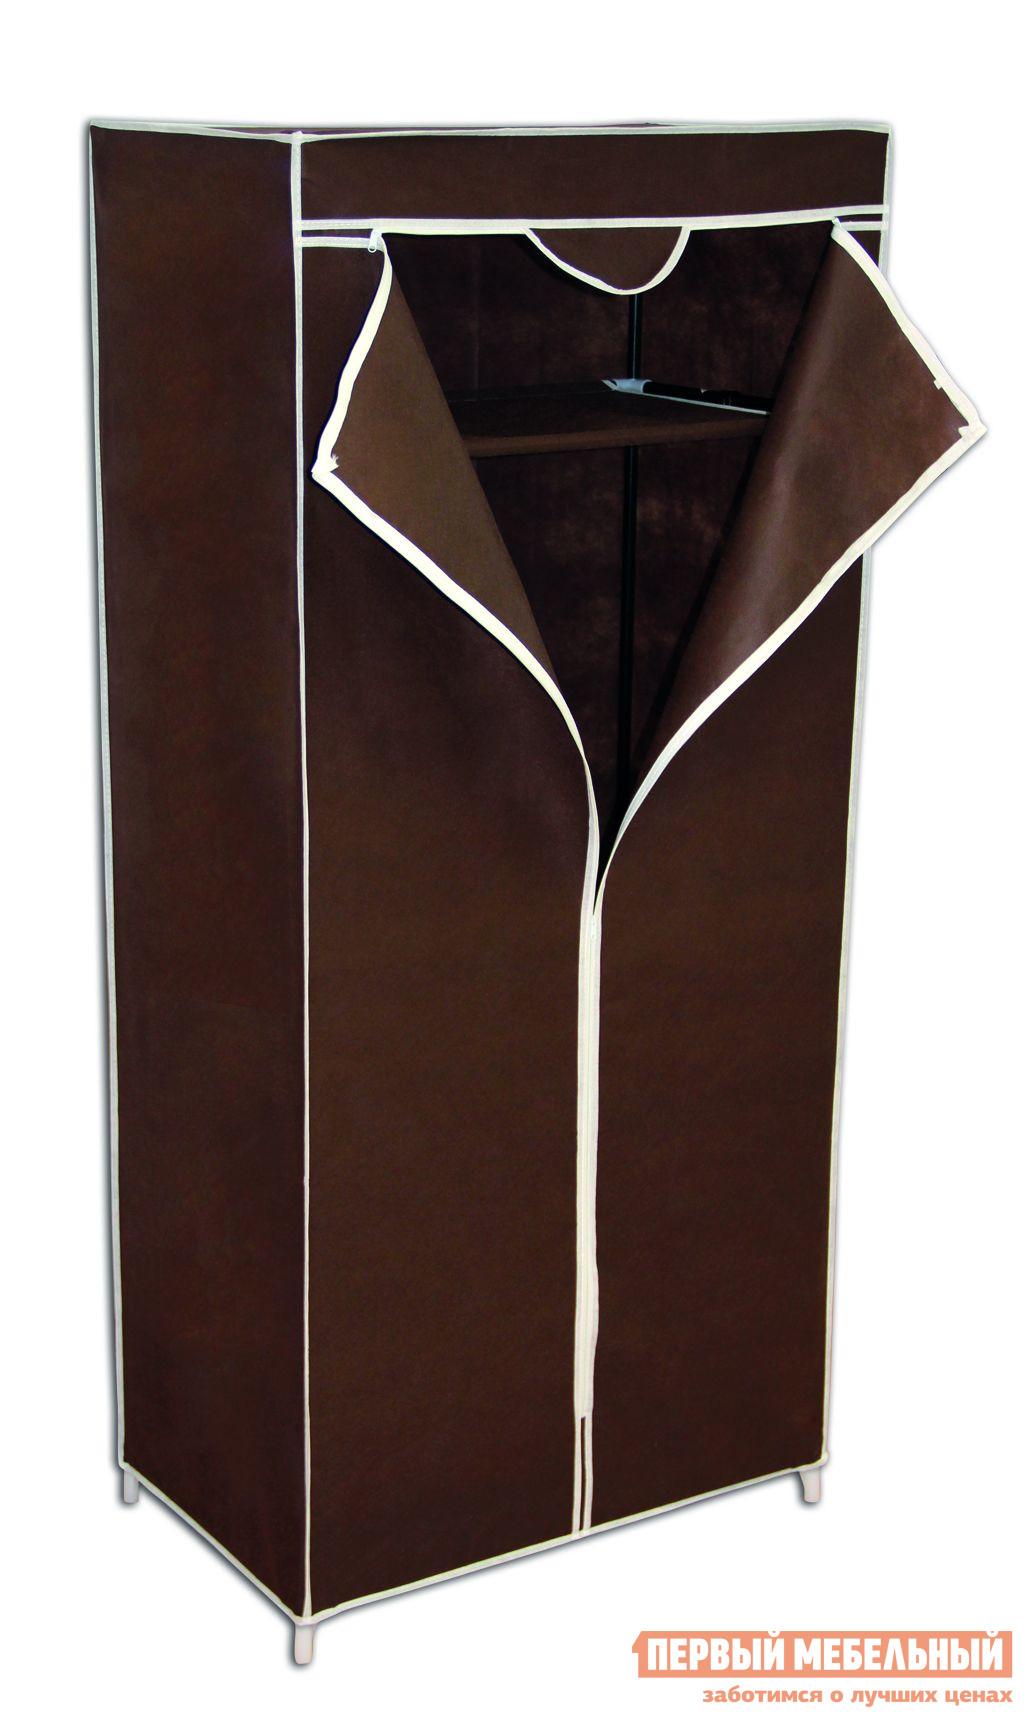 Гардеробная вешалка Sheffilton SHT-2012 Коричневый